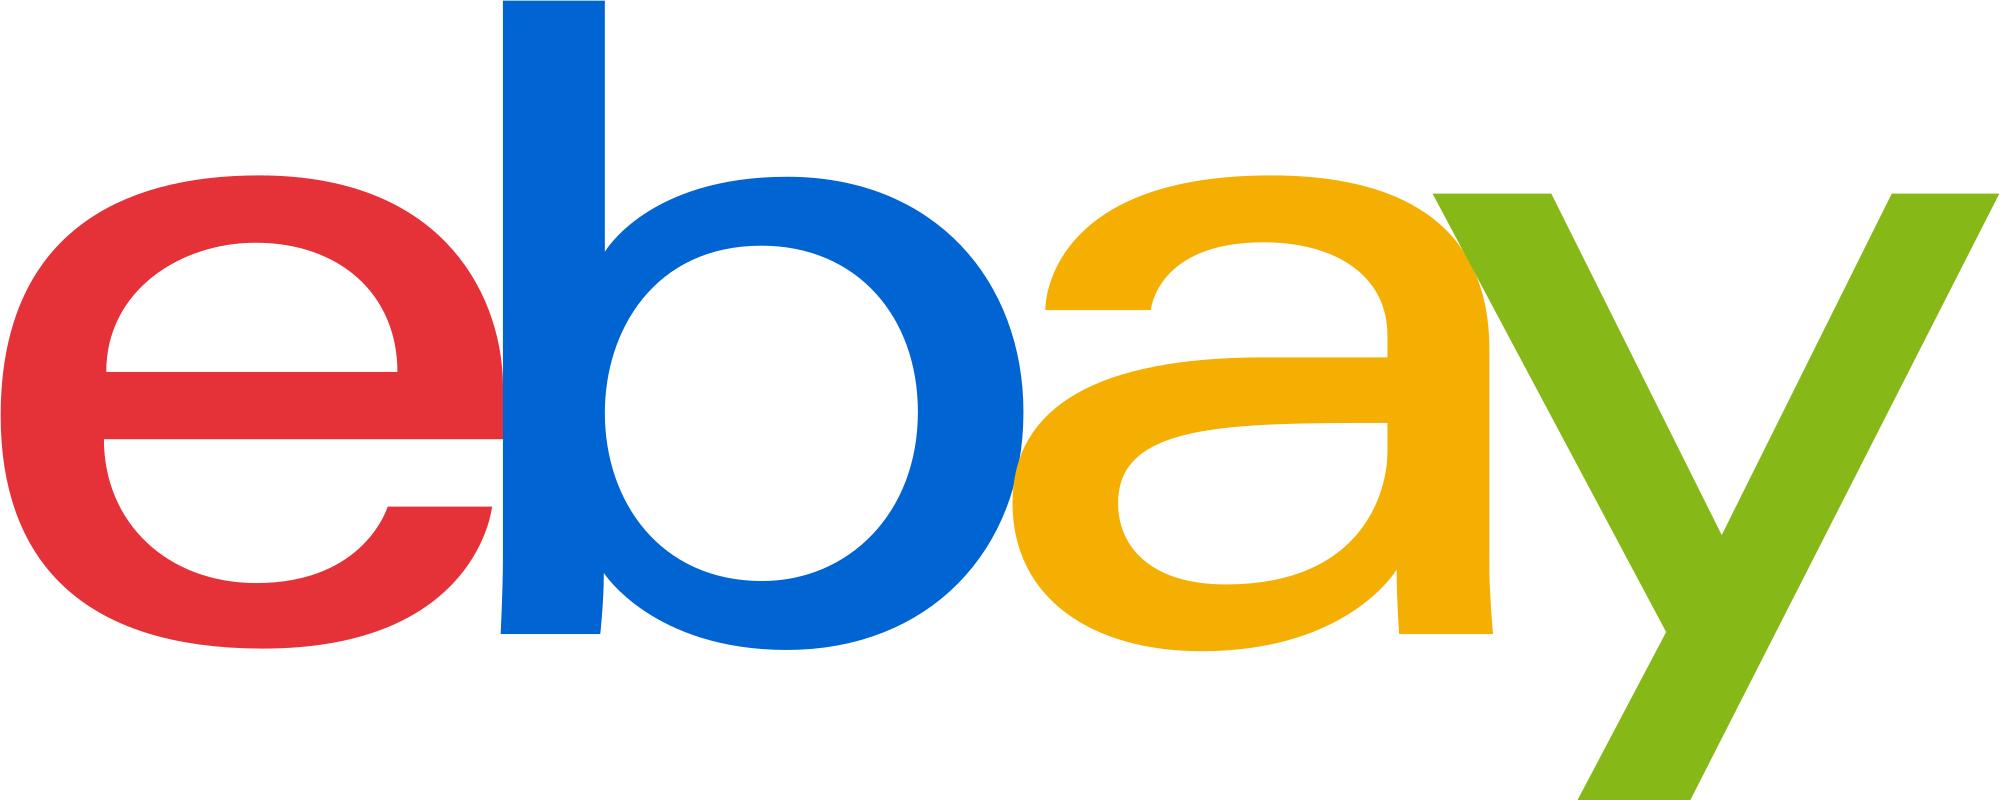 10% korting op ALLES @Ebay.de